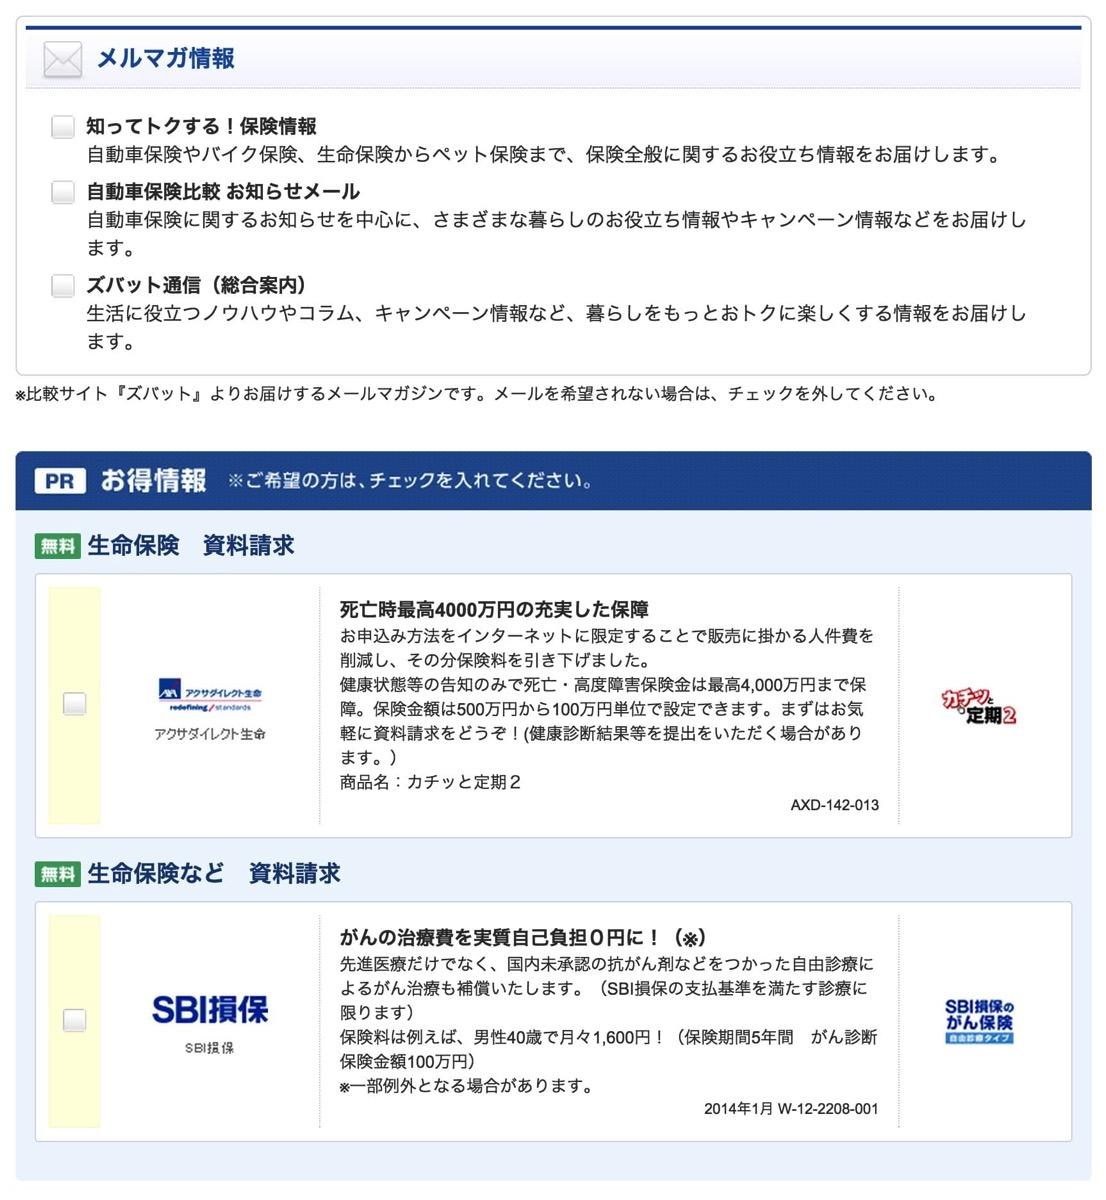 資料 メールマガジン登録